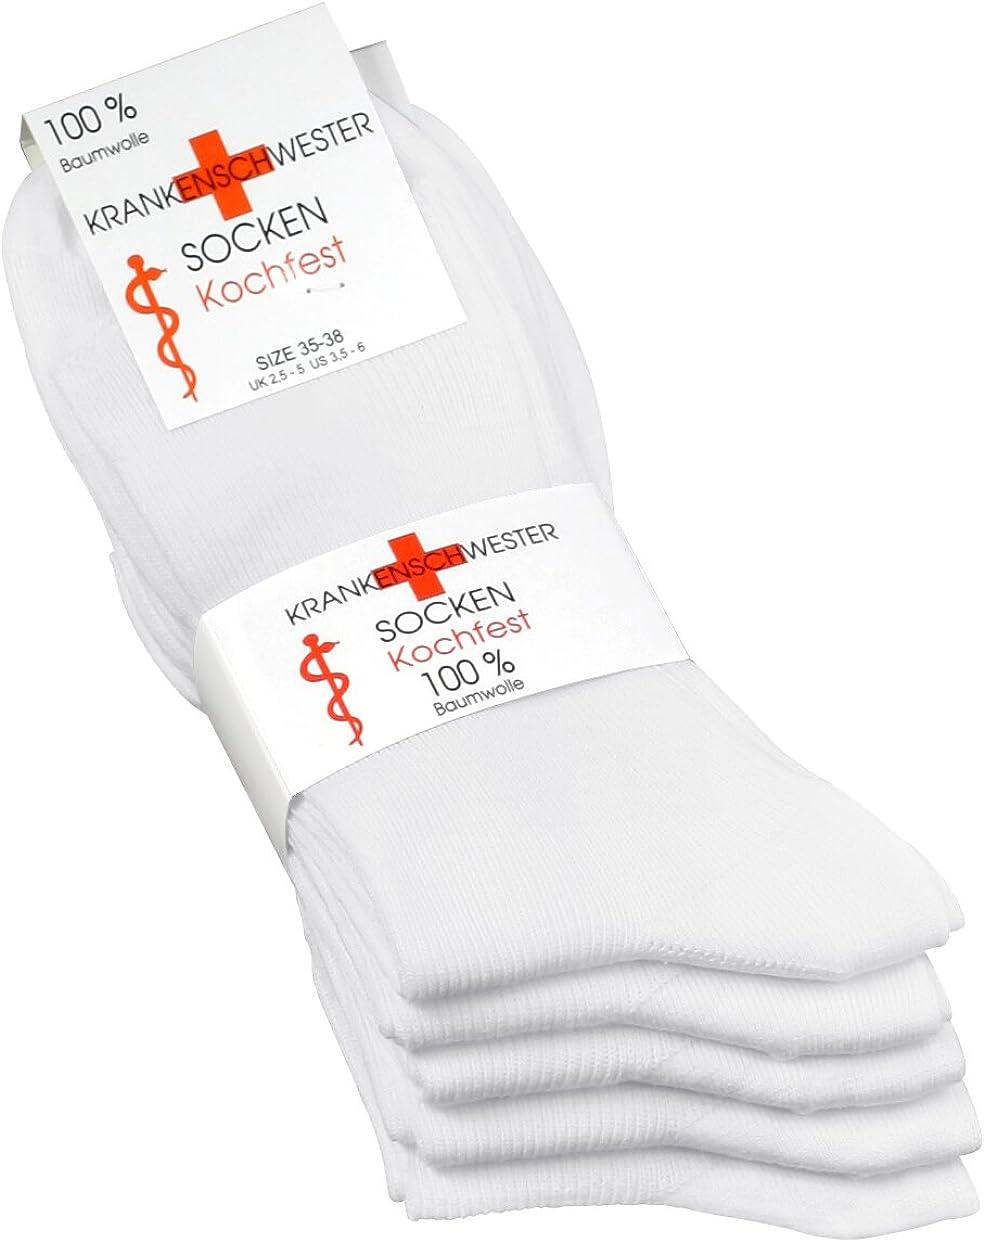 bianco Vincent Creation 10 paia di calzini infermiera per donna in puro cotone